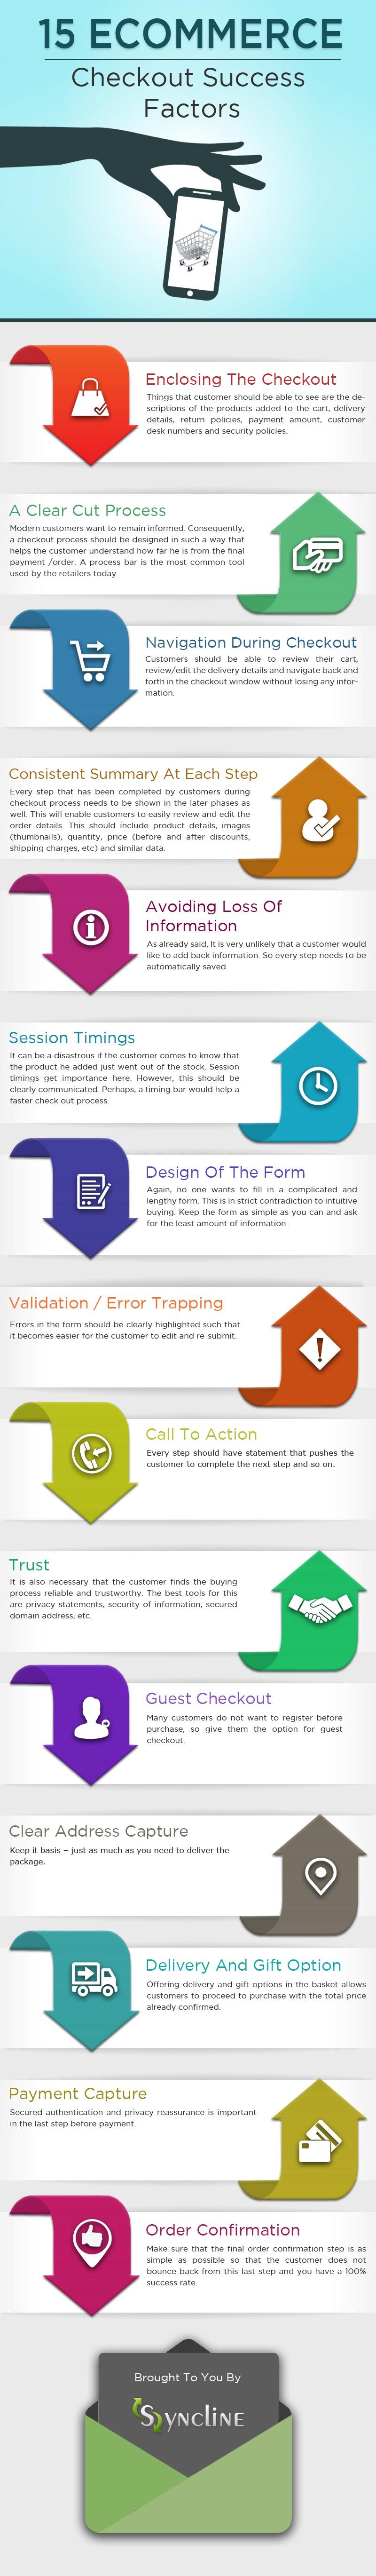 15-ECommerce-Checkout-Success-Factors